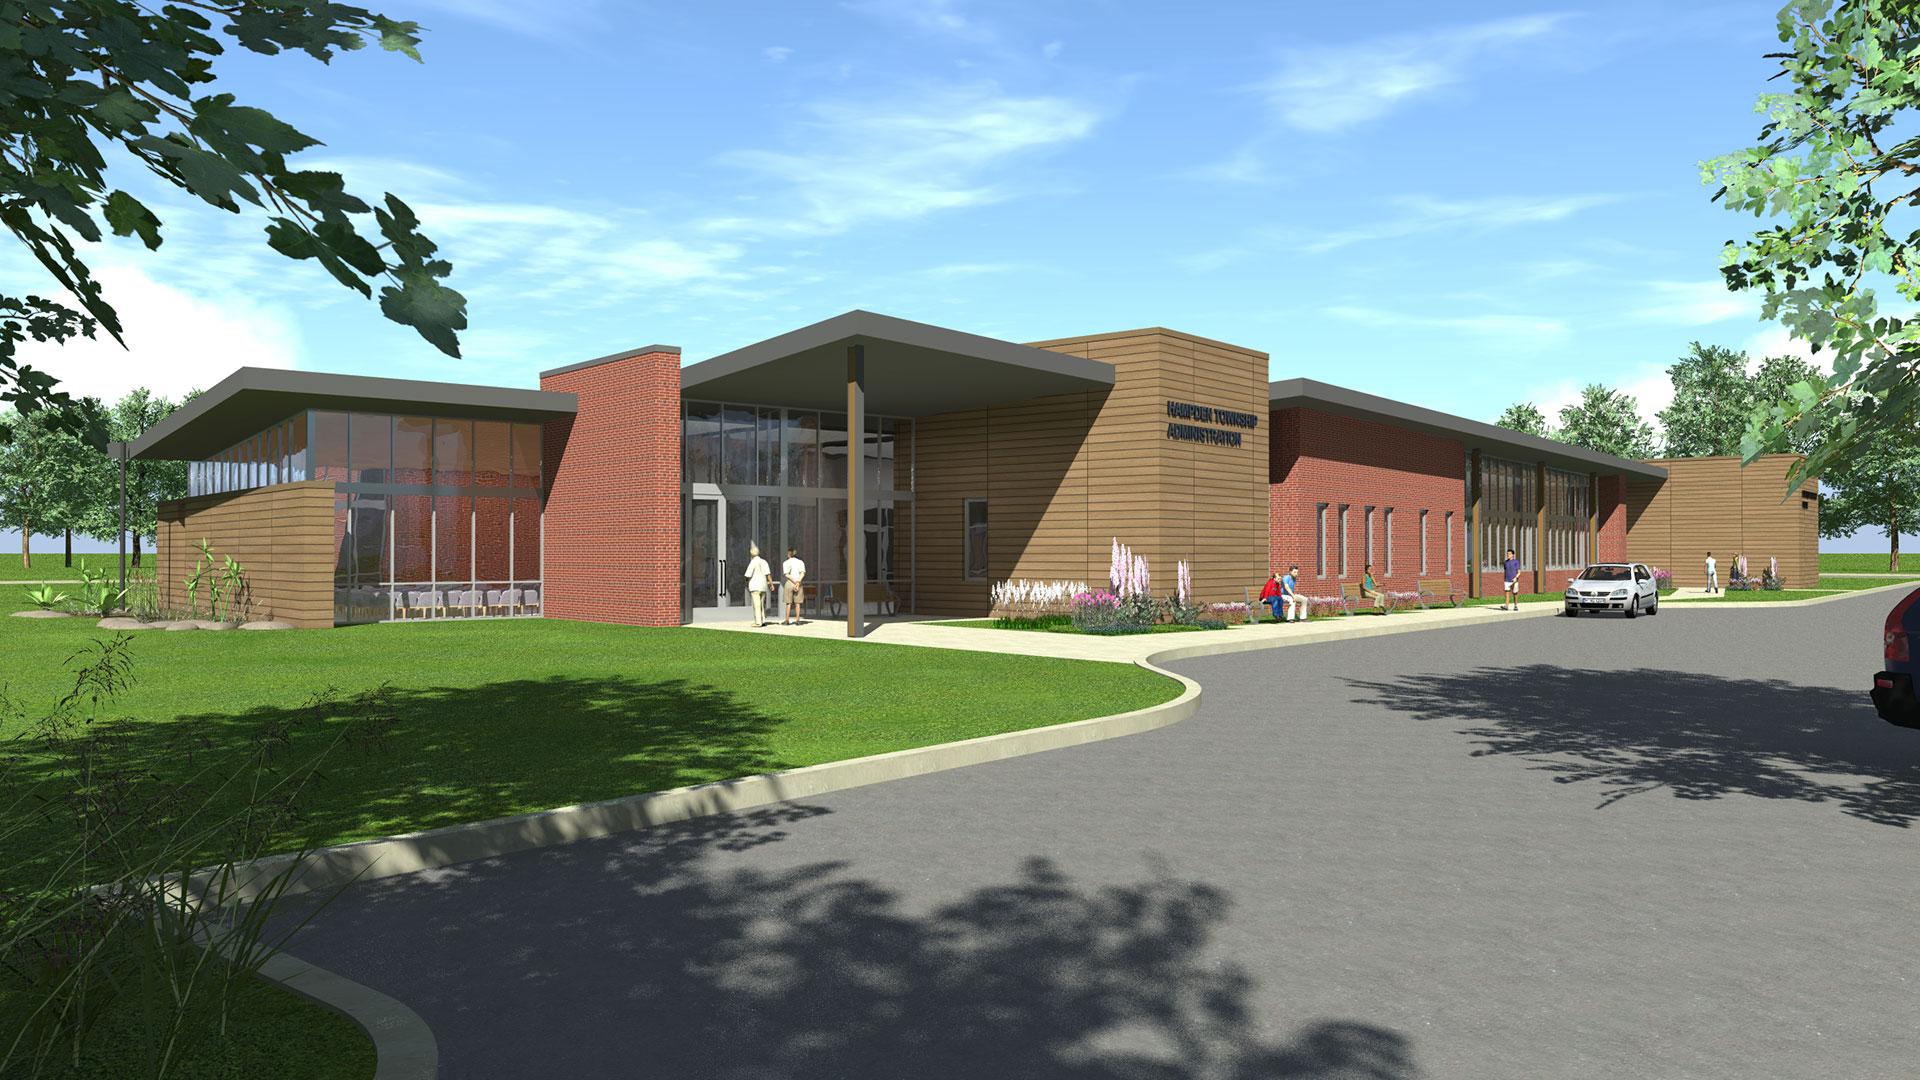 Hampden Township Municipal Building